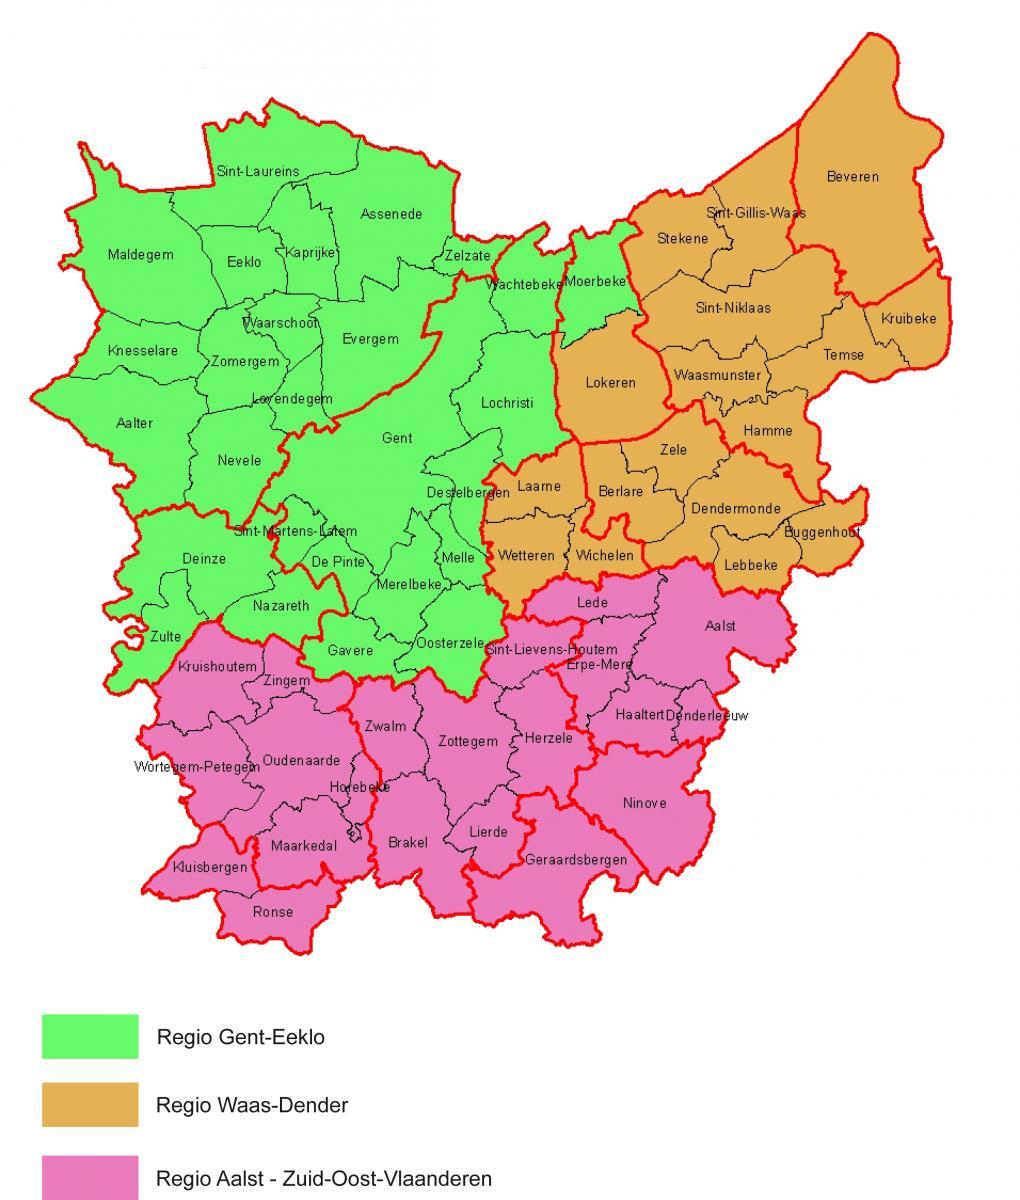 Regio Oost-Vlaanderen